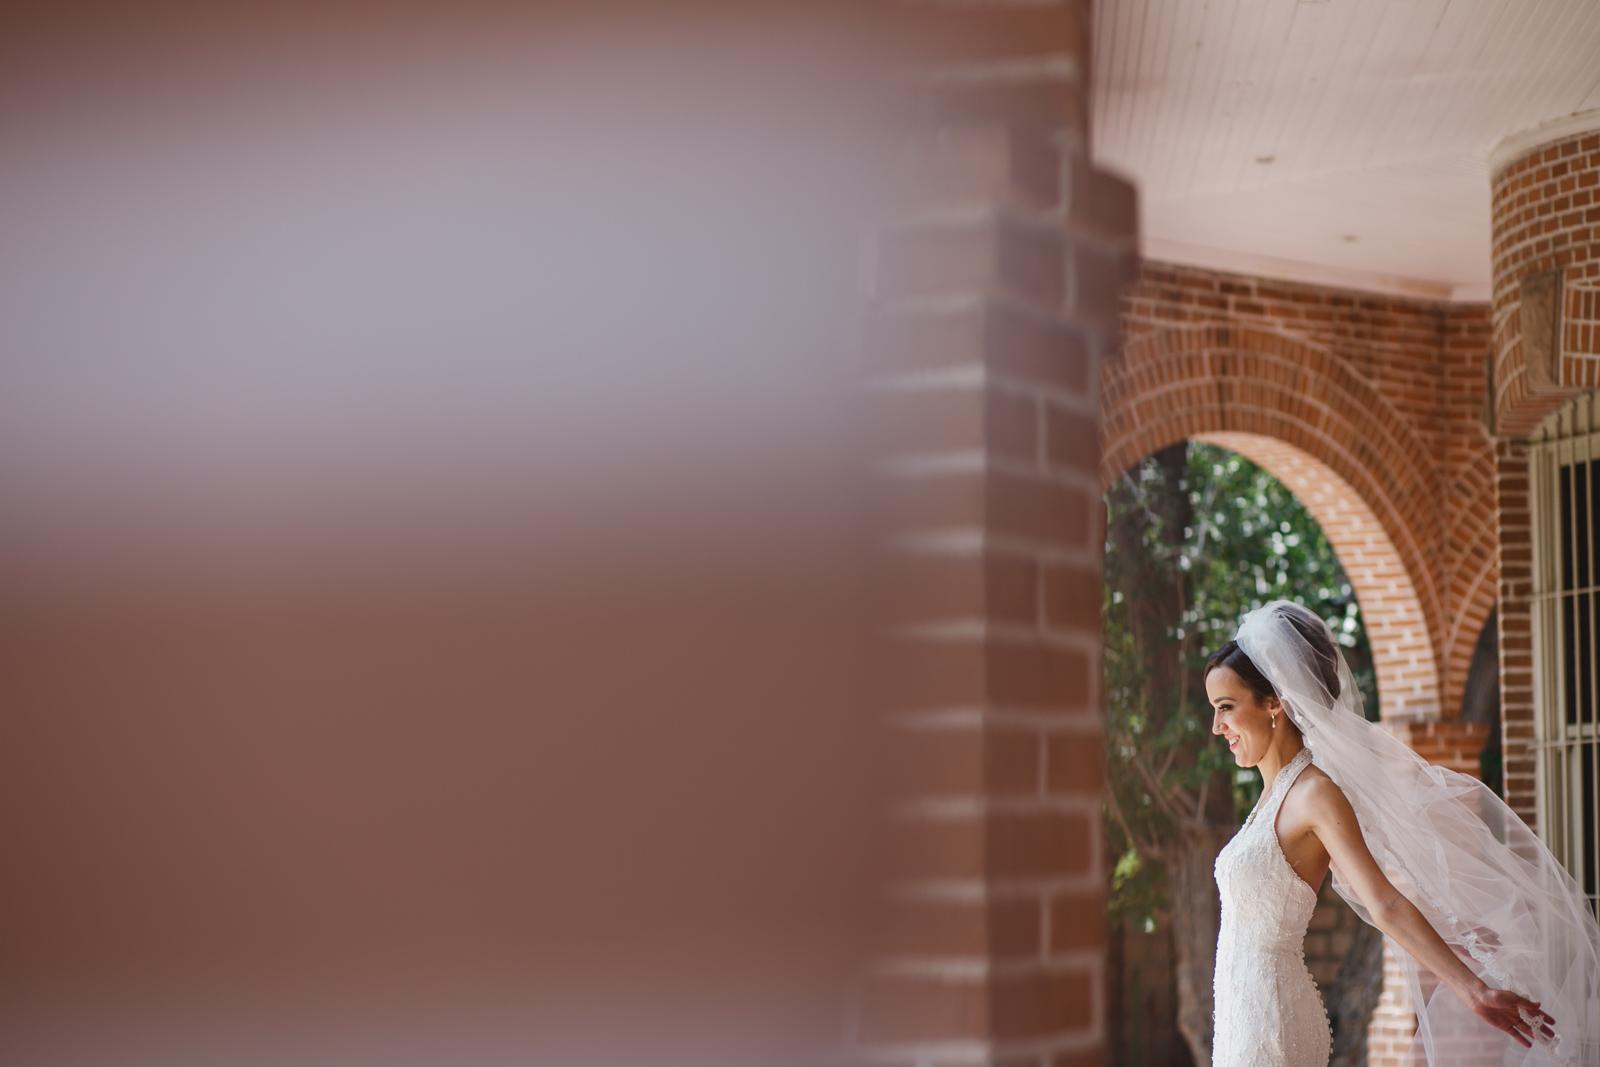 armando-aragon-fotografo-de-bodas-013